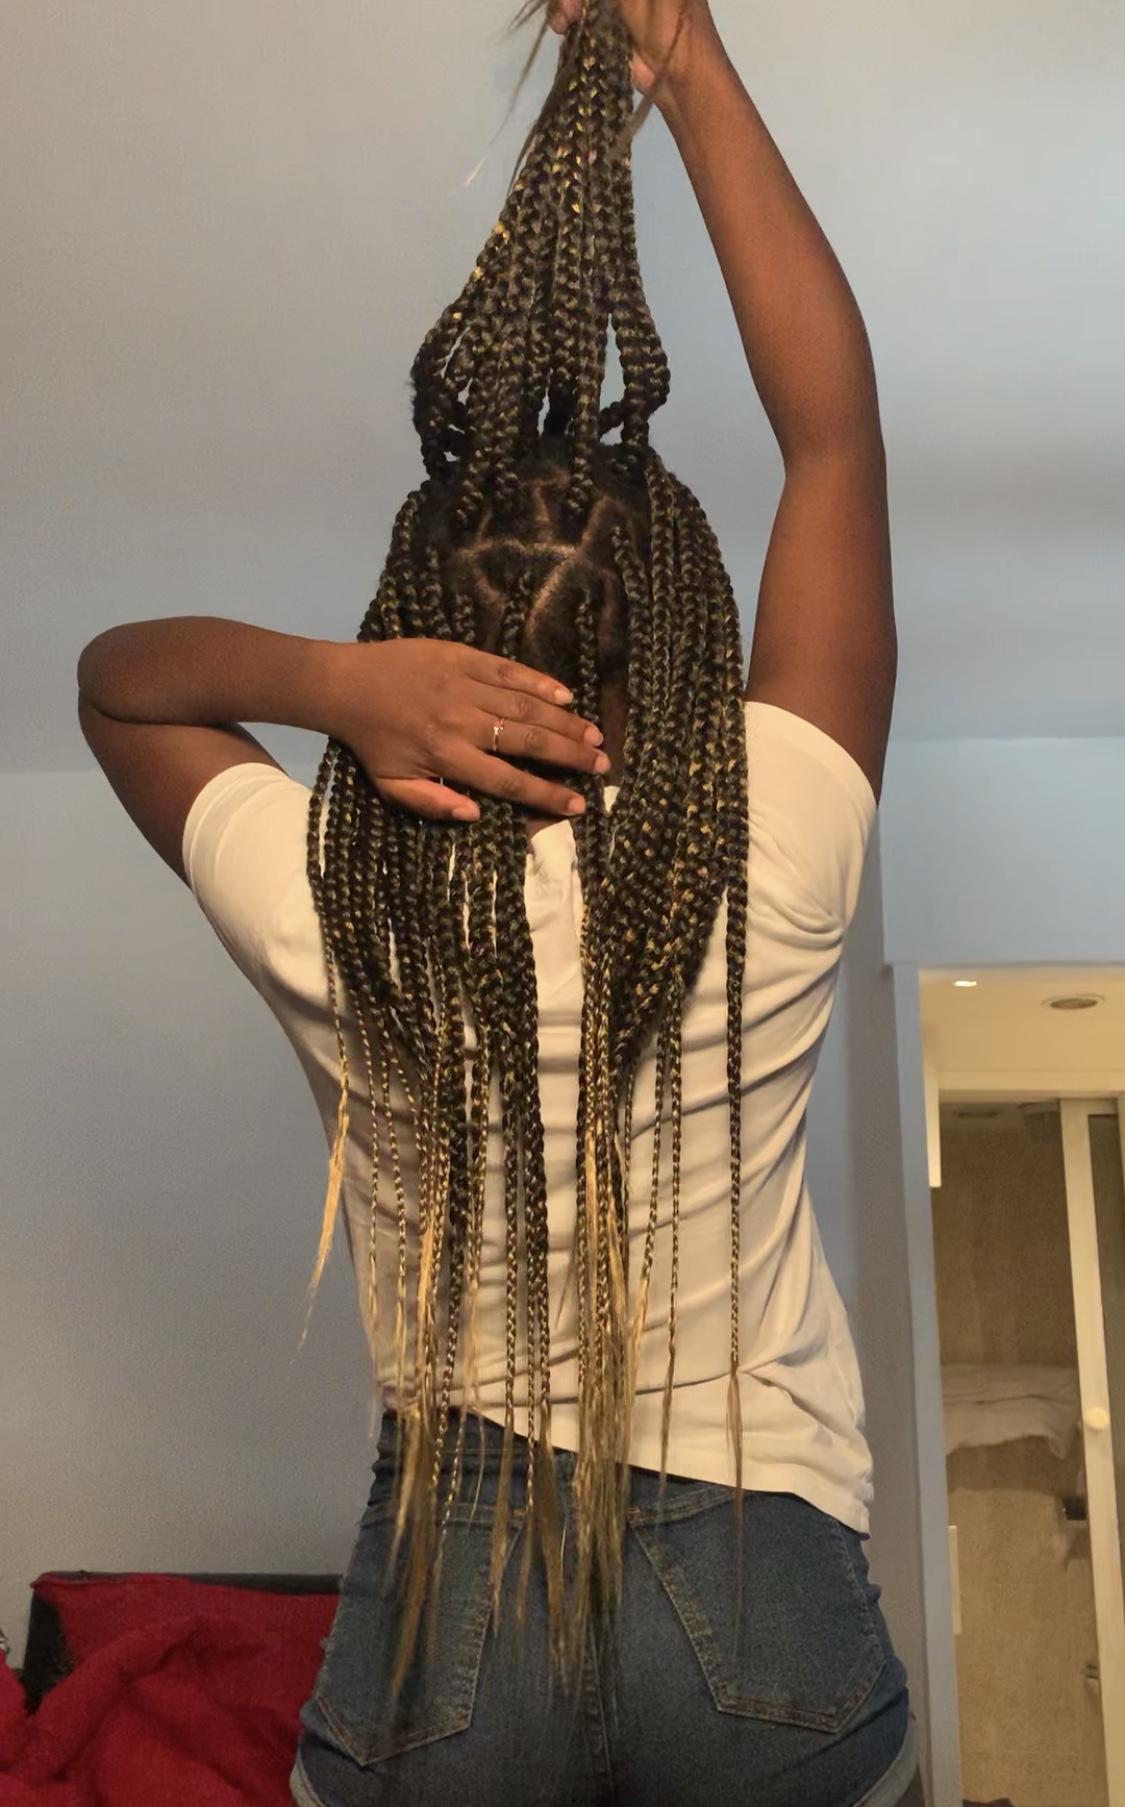 salon de coiffure afro tresse tresses box braids crochet braids vanilles tissages paris 75 77 78 91 92 93 94 95 BEHJIAUG